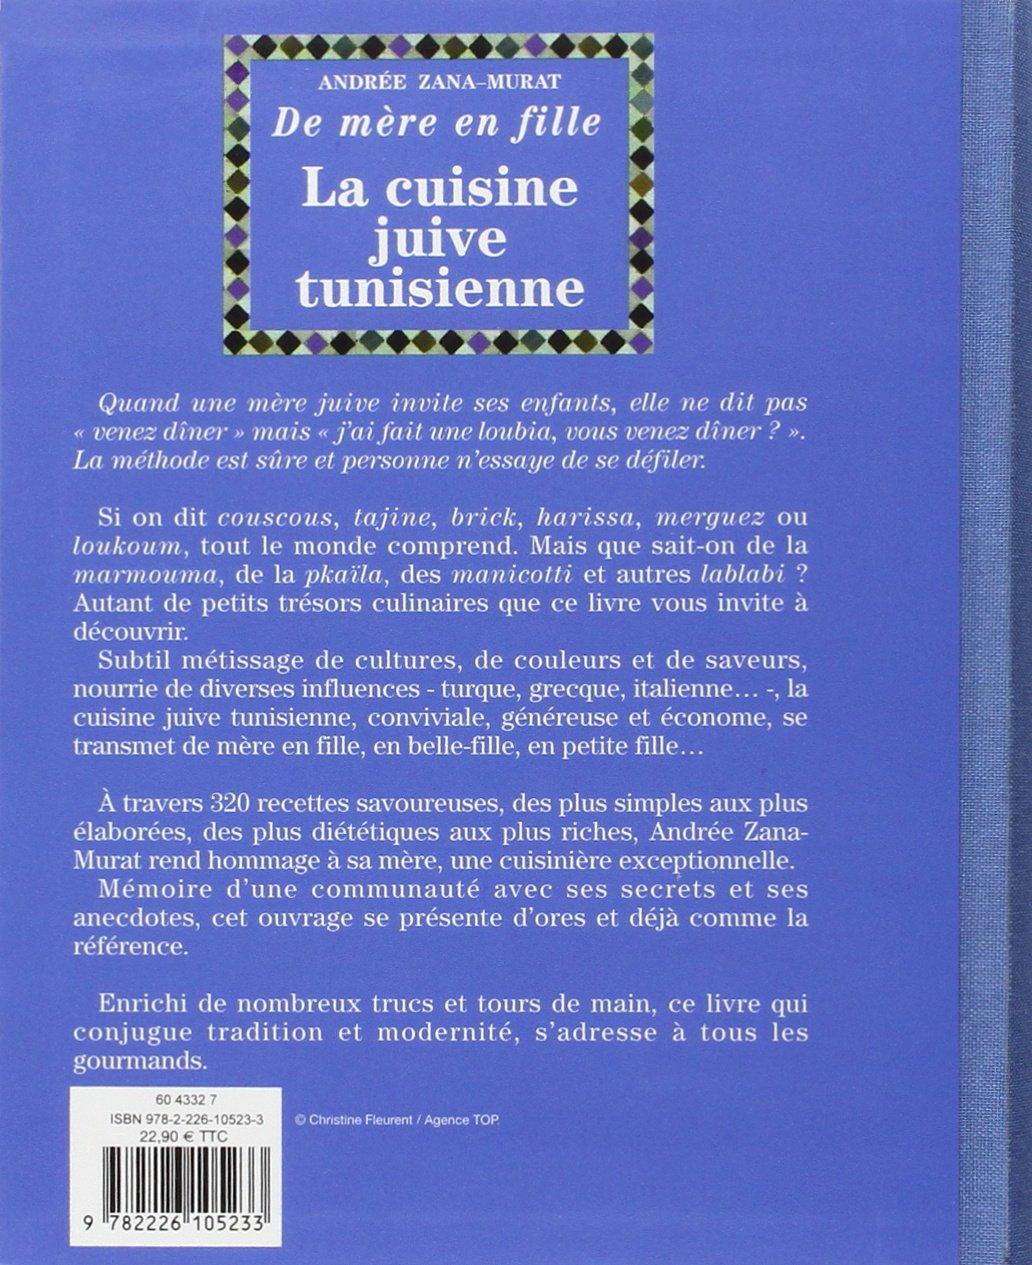 Souvent Amazon.fr - La Cuisine juive tunisienne de mère en fille : 320  GF91